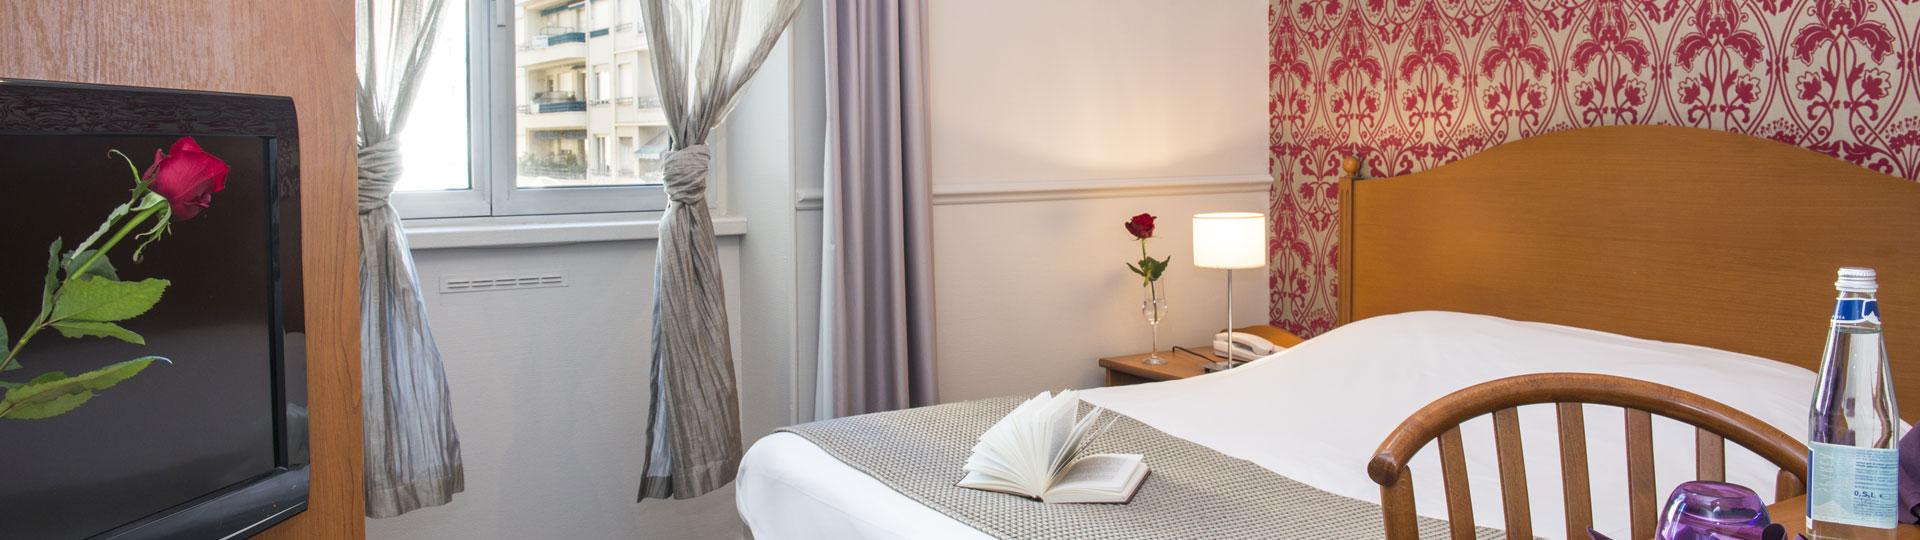 Chambre single côté ville de l'hôtel Le Royal à Nice